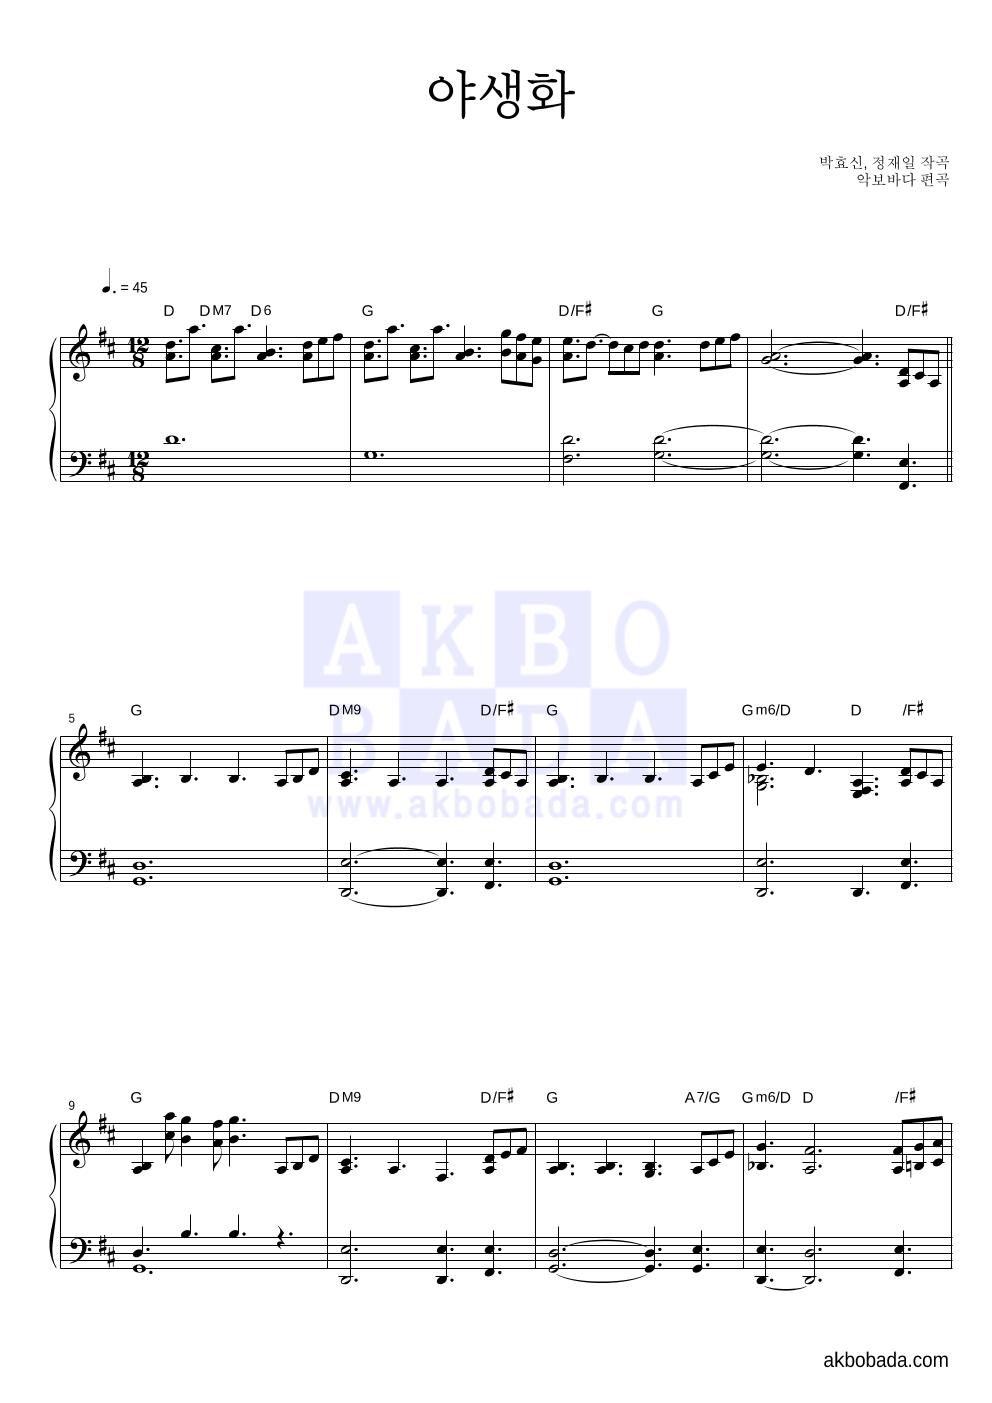 박효신 - 야생화 피아노 마스터 악보